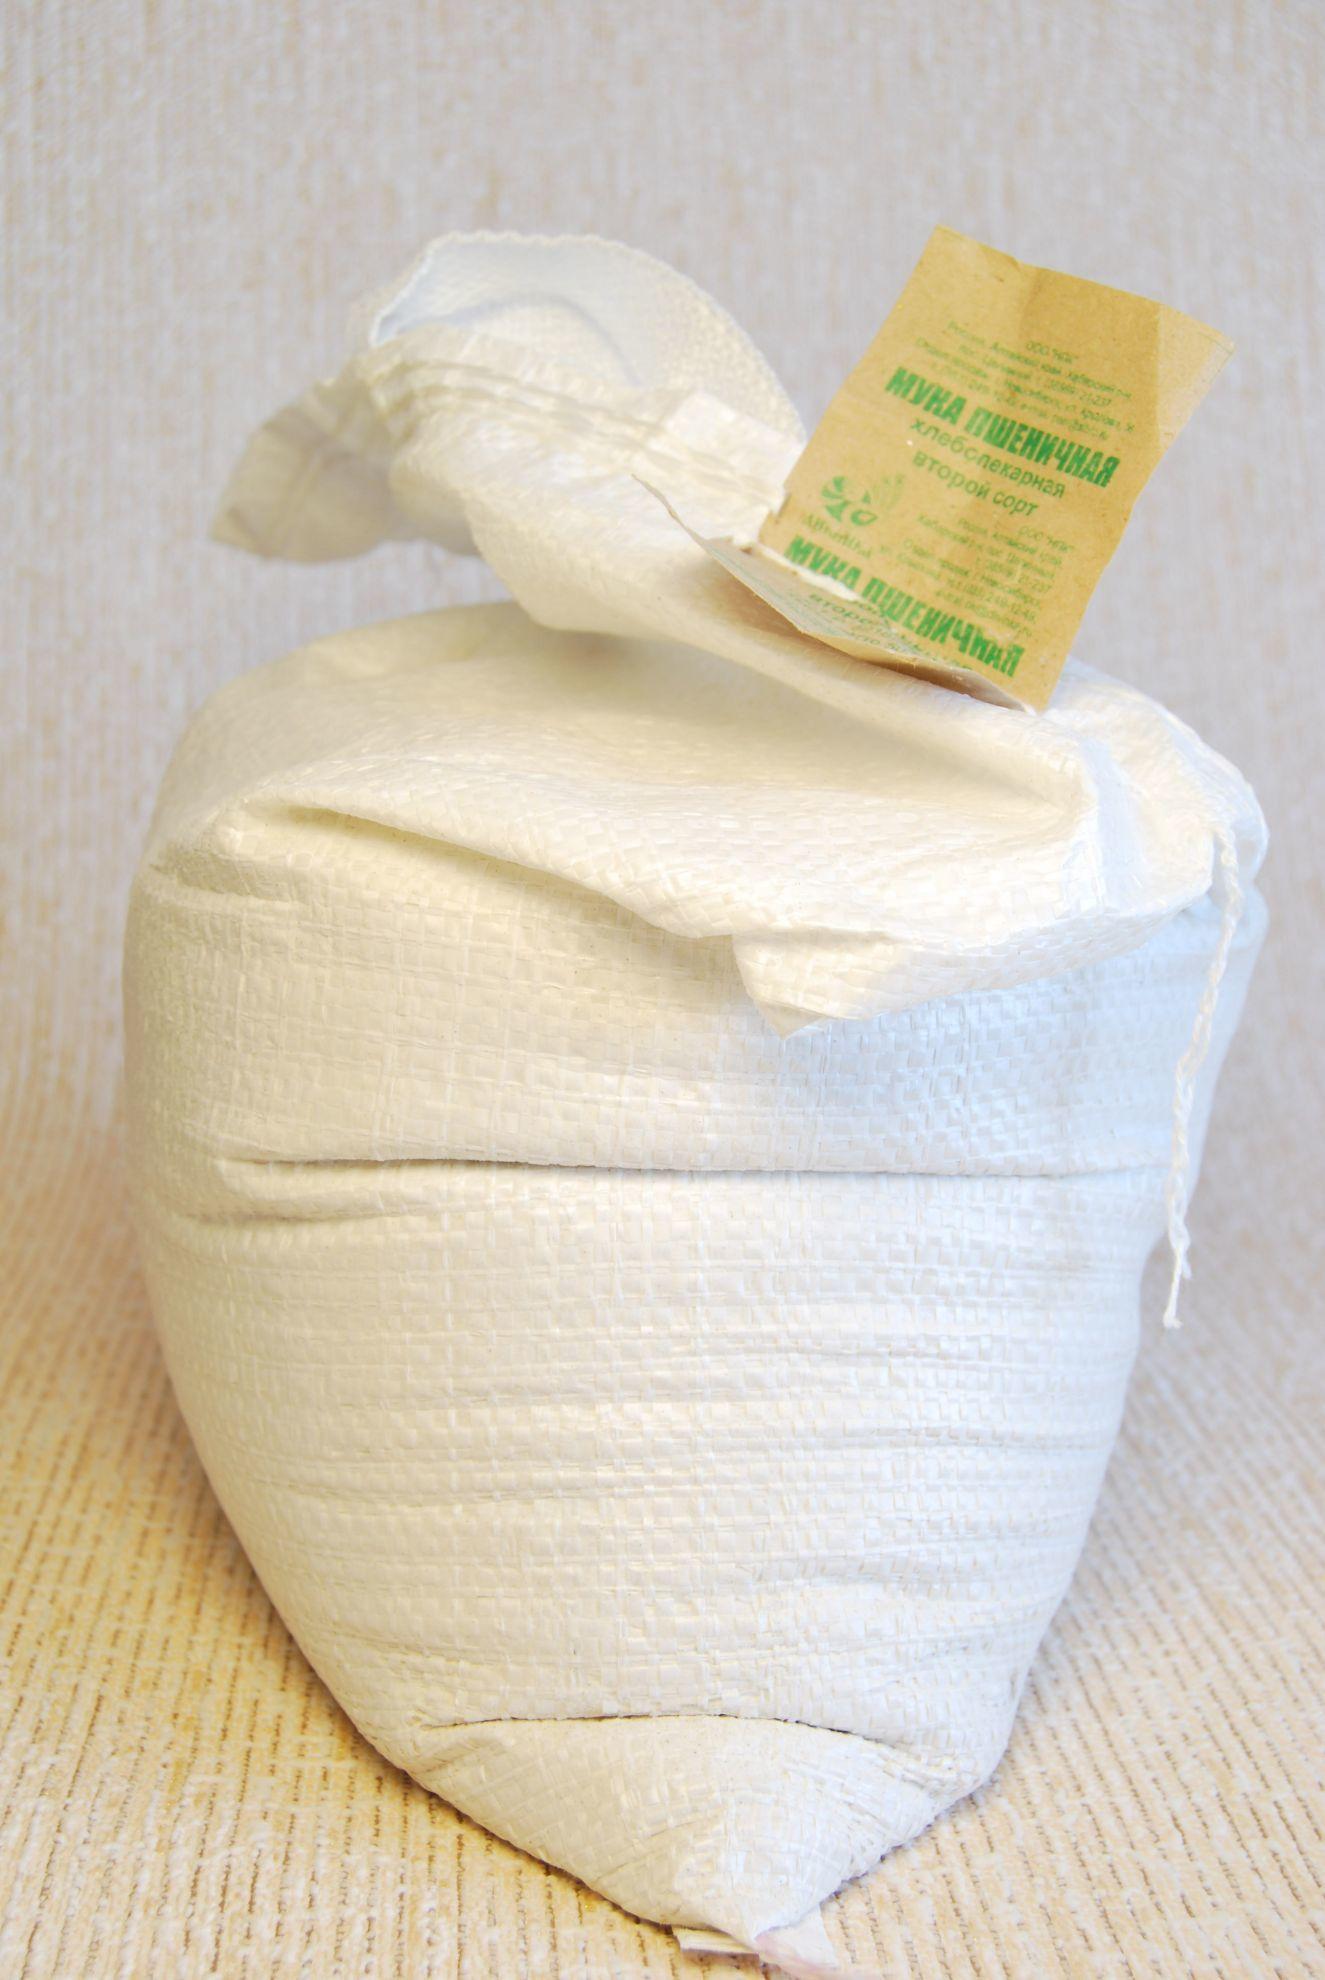 Мука пшеничная хлебопекарная, Дивинка, Алтайская, 2 сорт, мешок, 5 кг